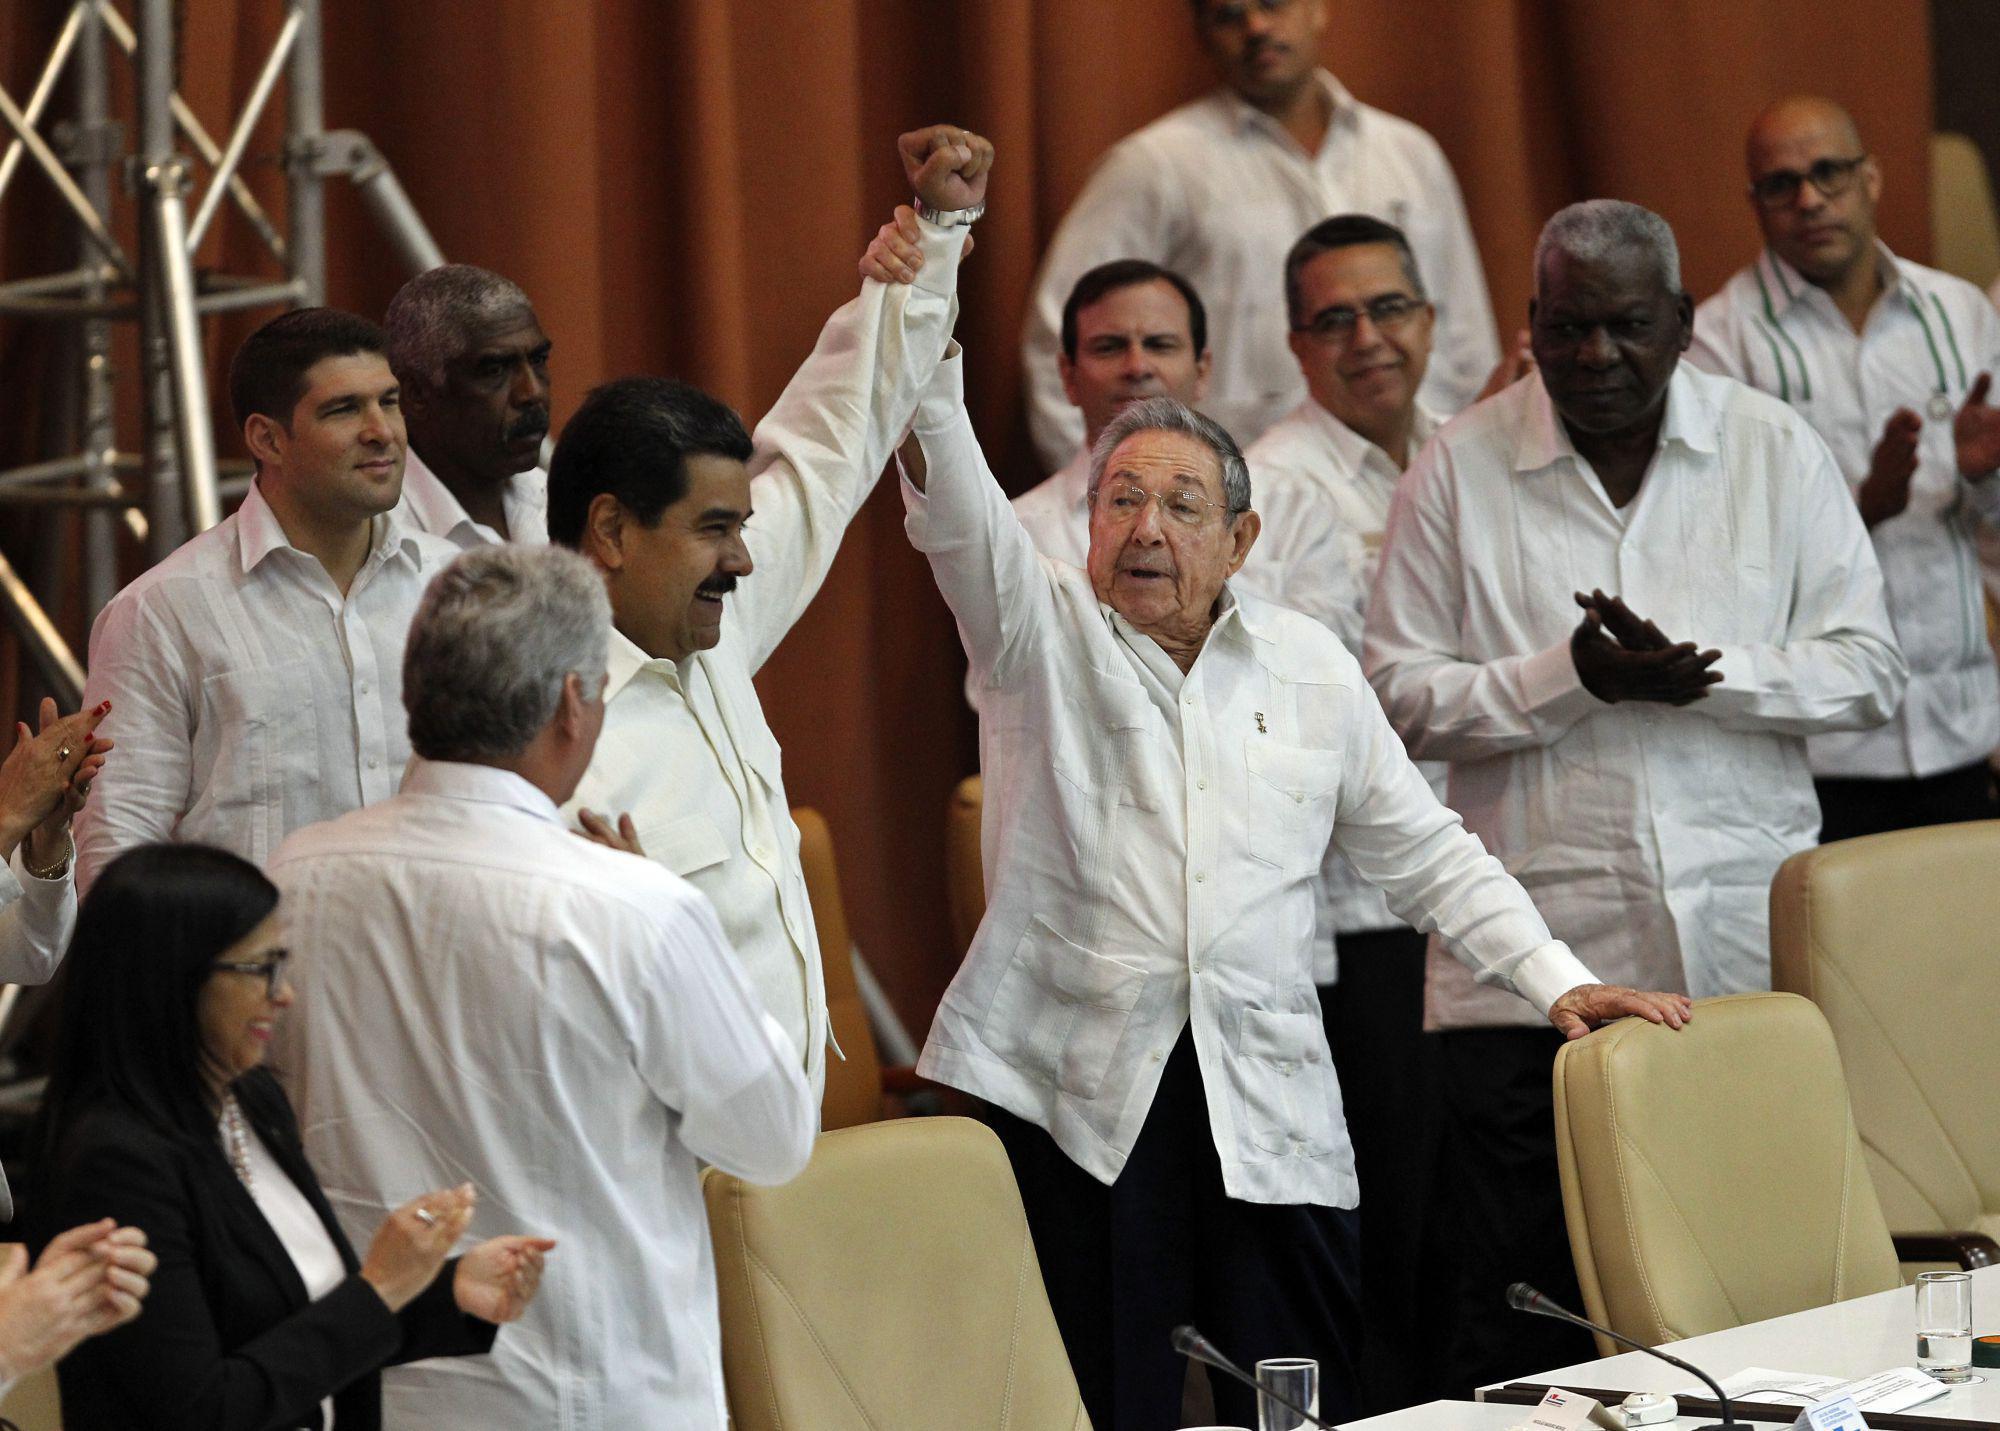 Castro-Maduro